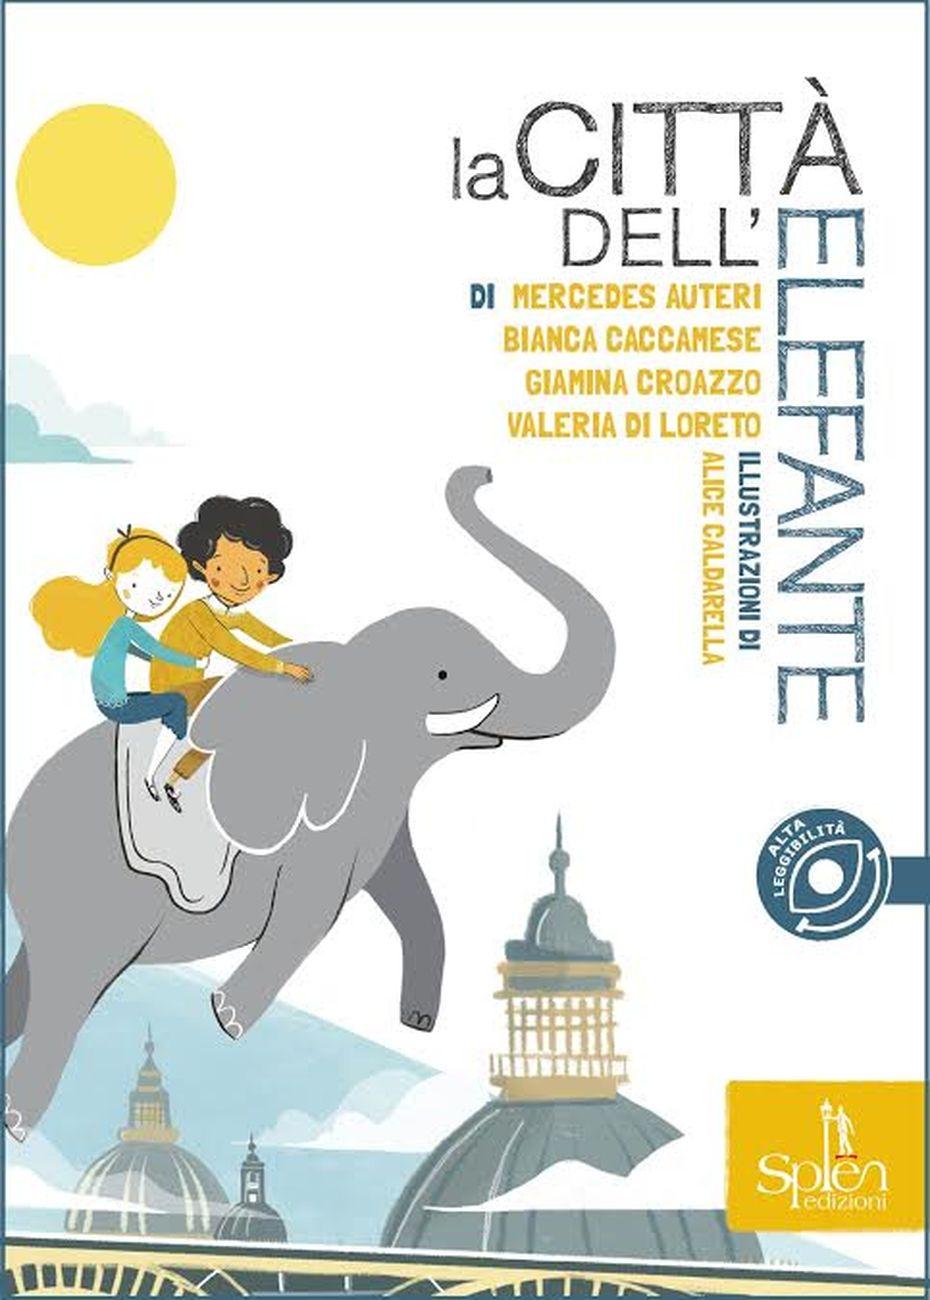 La città dell'elefante (Splen, Mascalucia 2019)